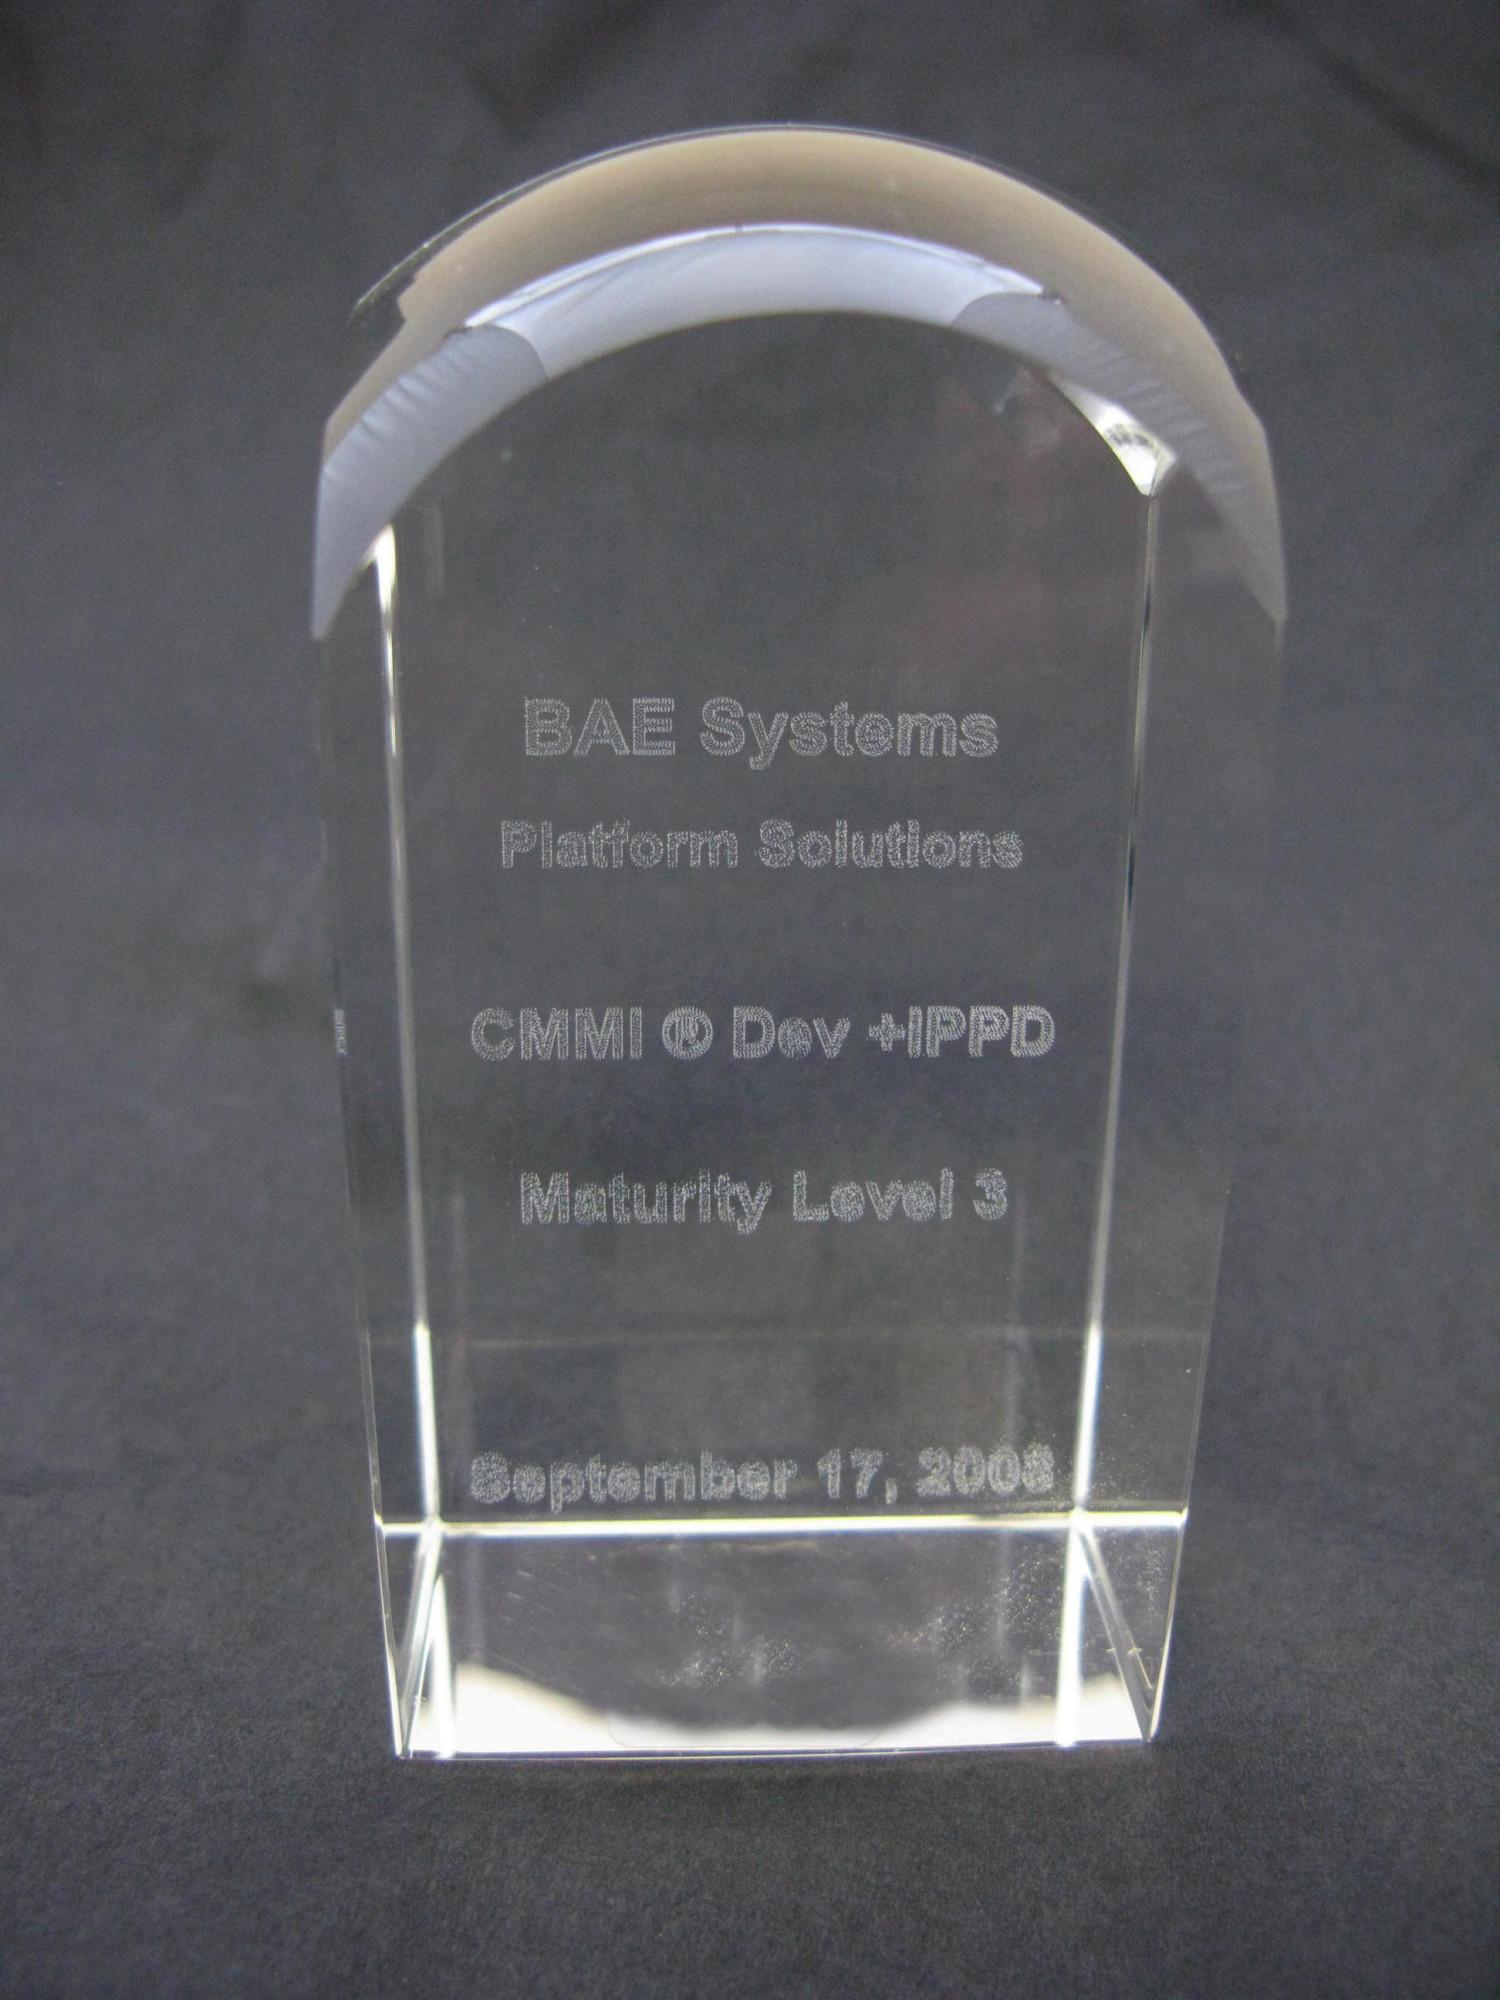 Maturity Level Award